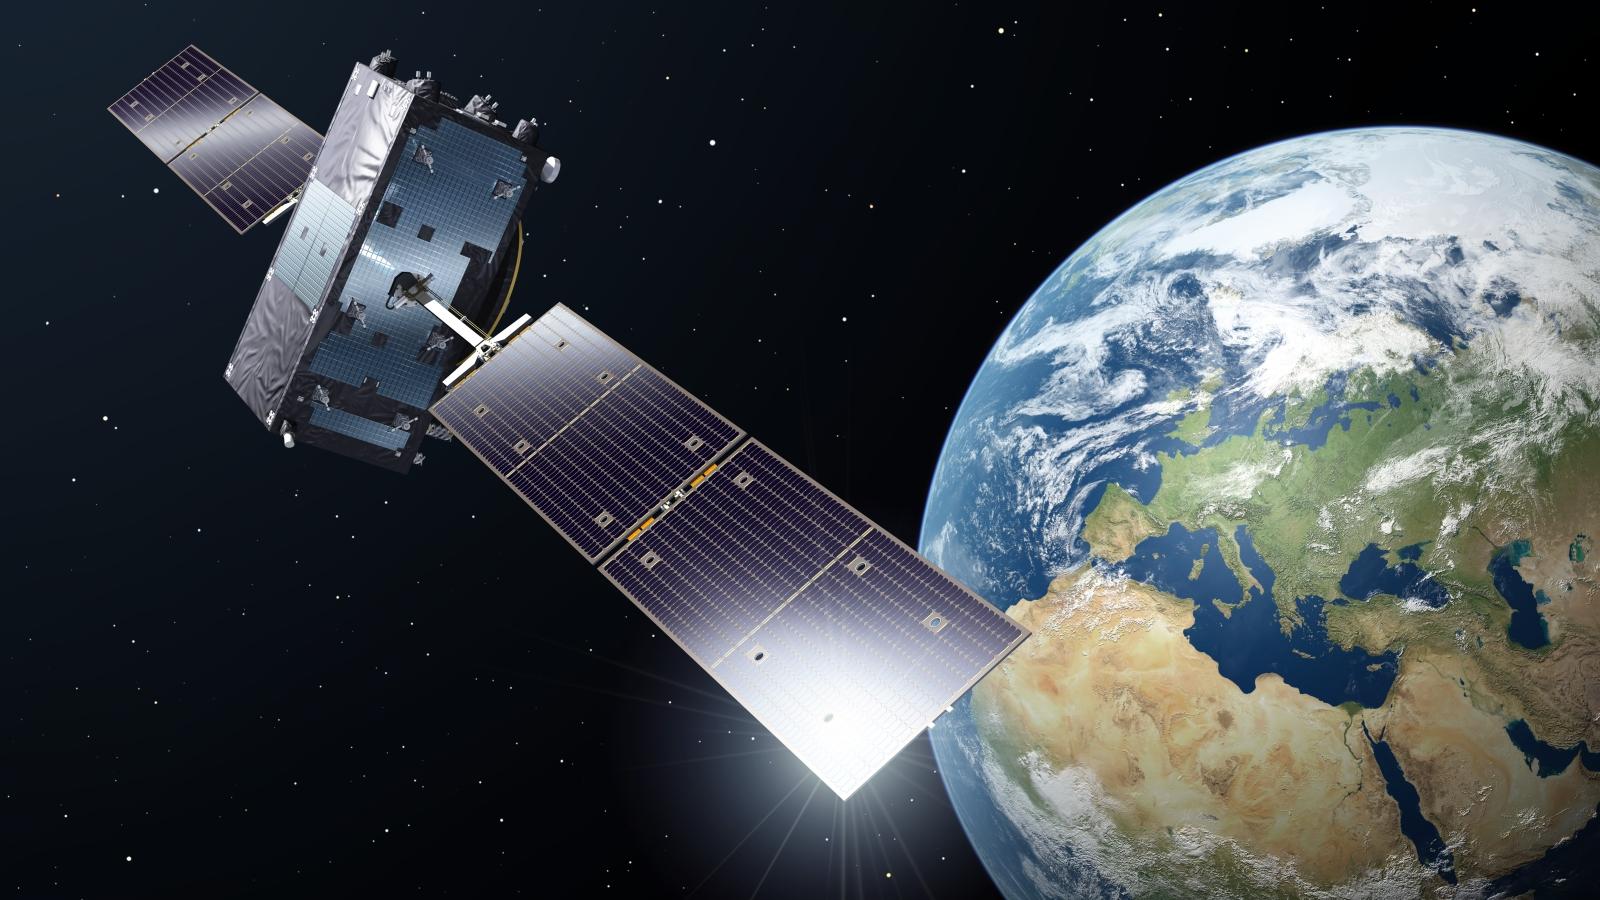 I 2020 var 22 av ESAs Galileo-satelitter i drift. Satelittene utfører mange viktige sivile oppgaver, men gradvis også flere militære. Illustrasjon fra romfartsbyrået ESA.